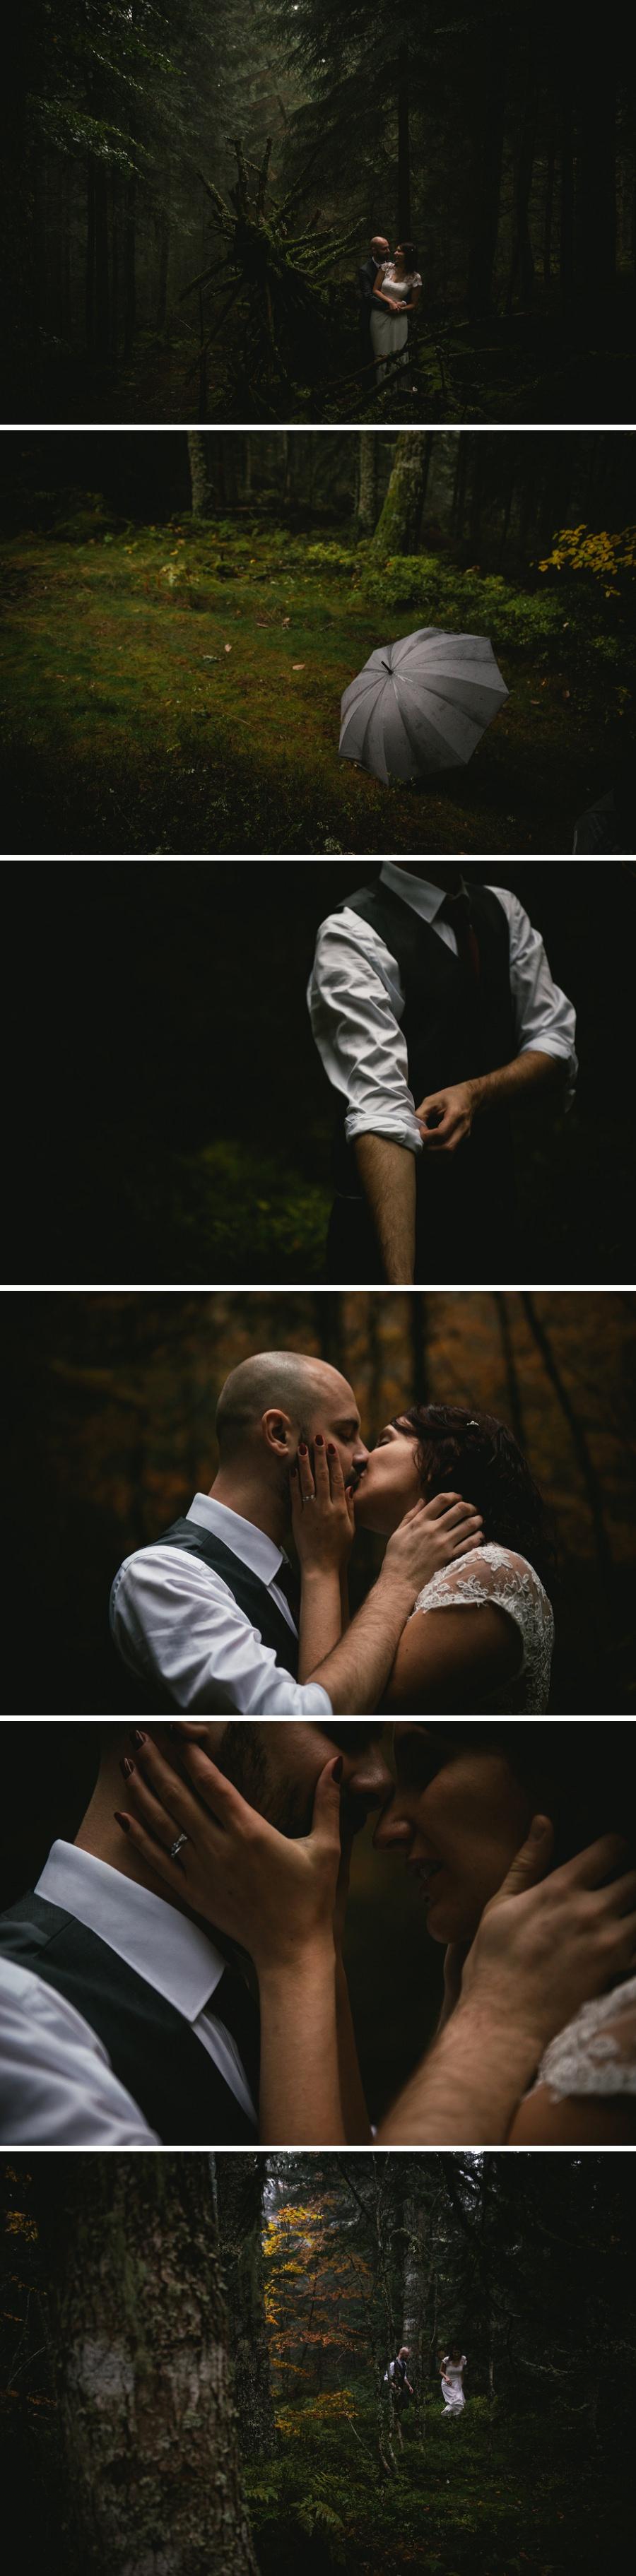 photographe de mariages à Grenoble